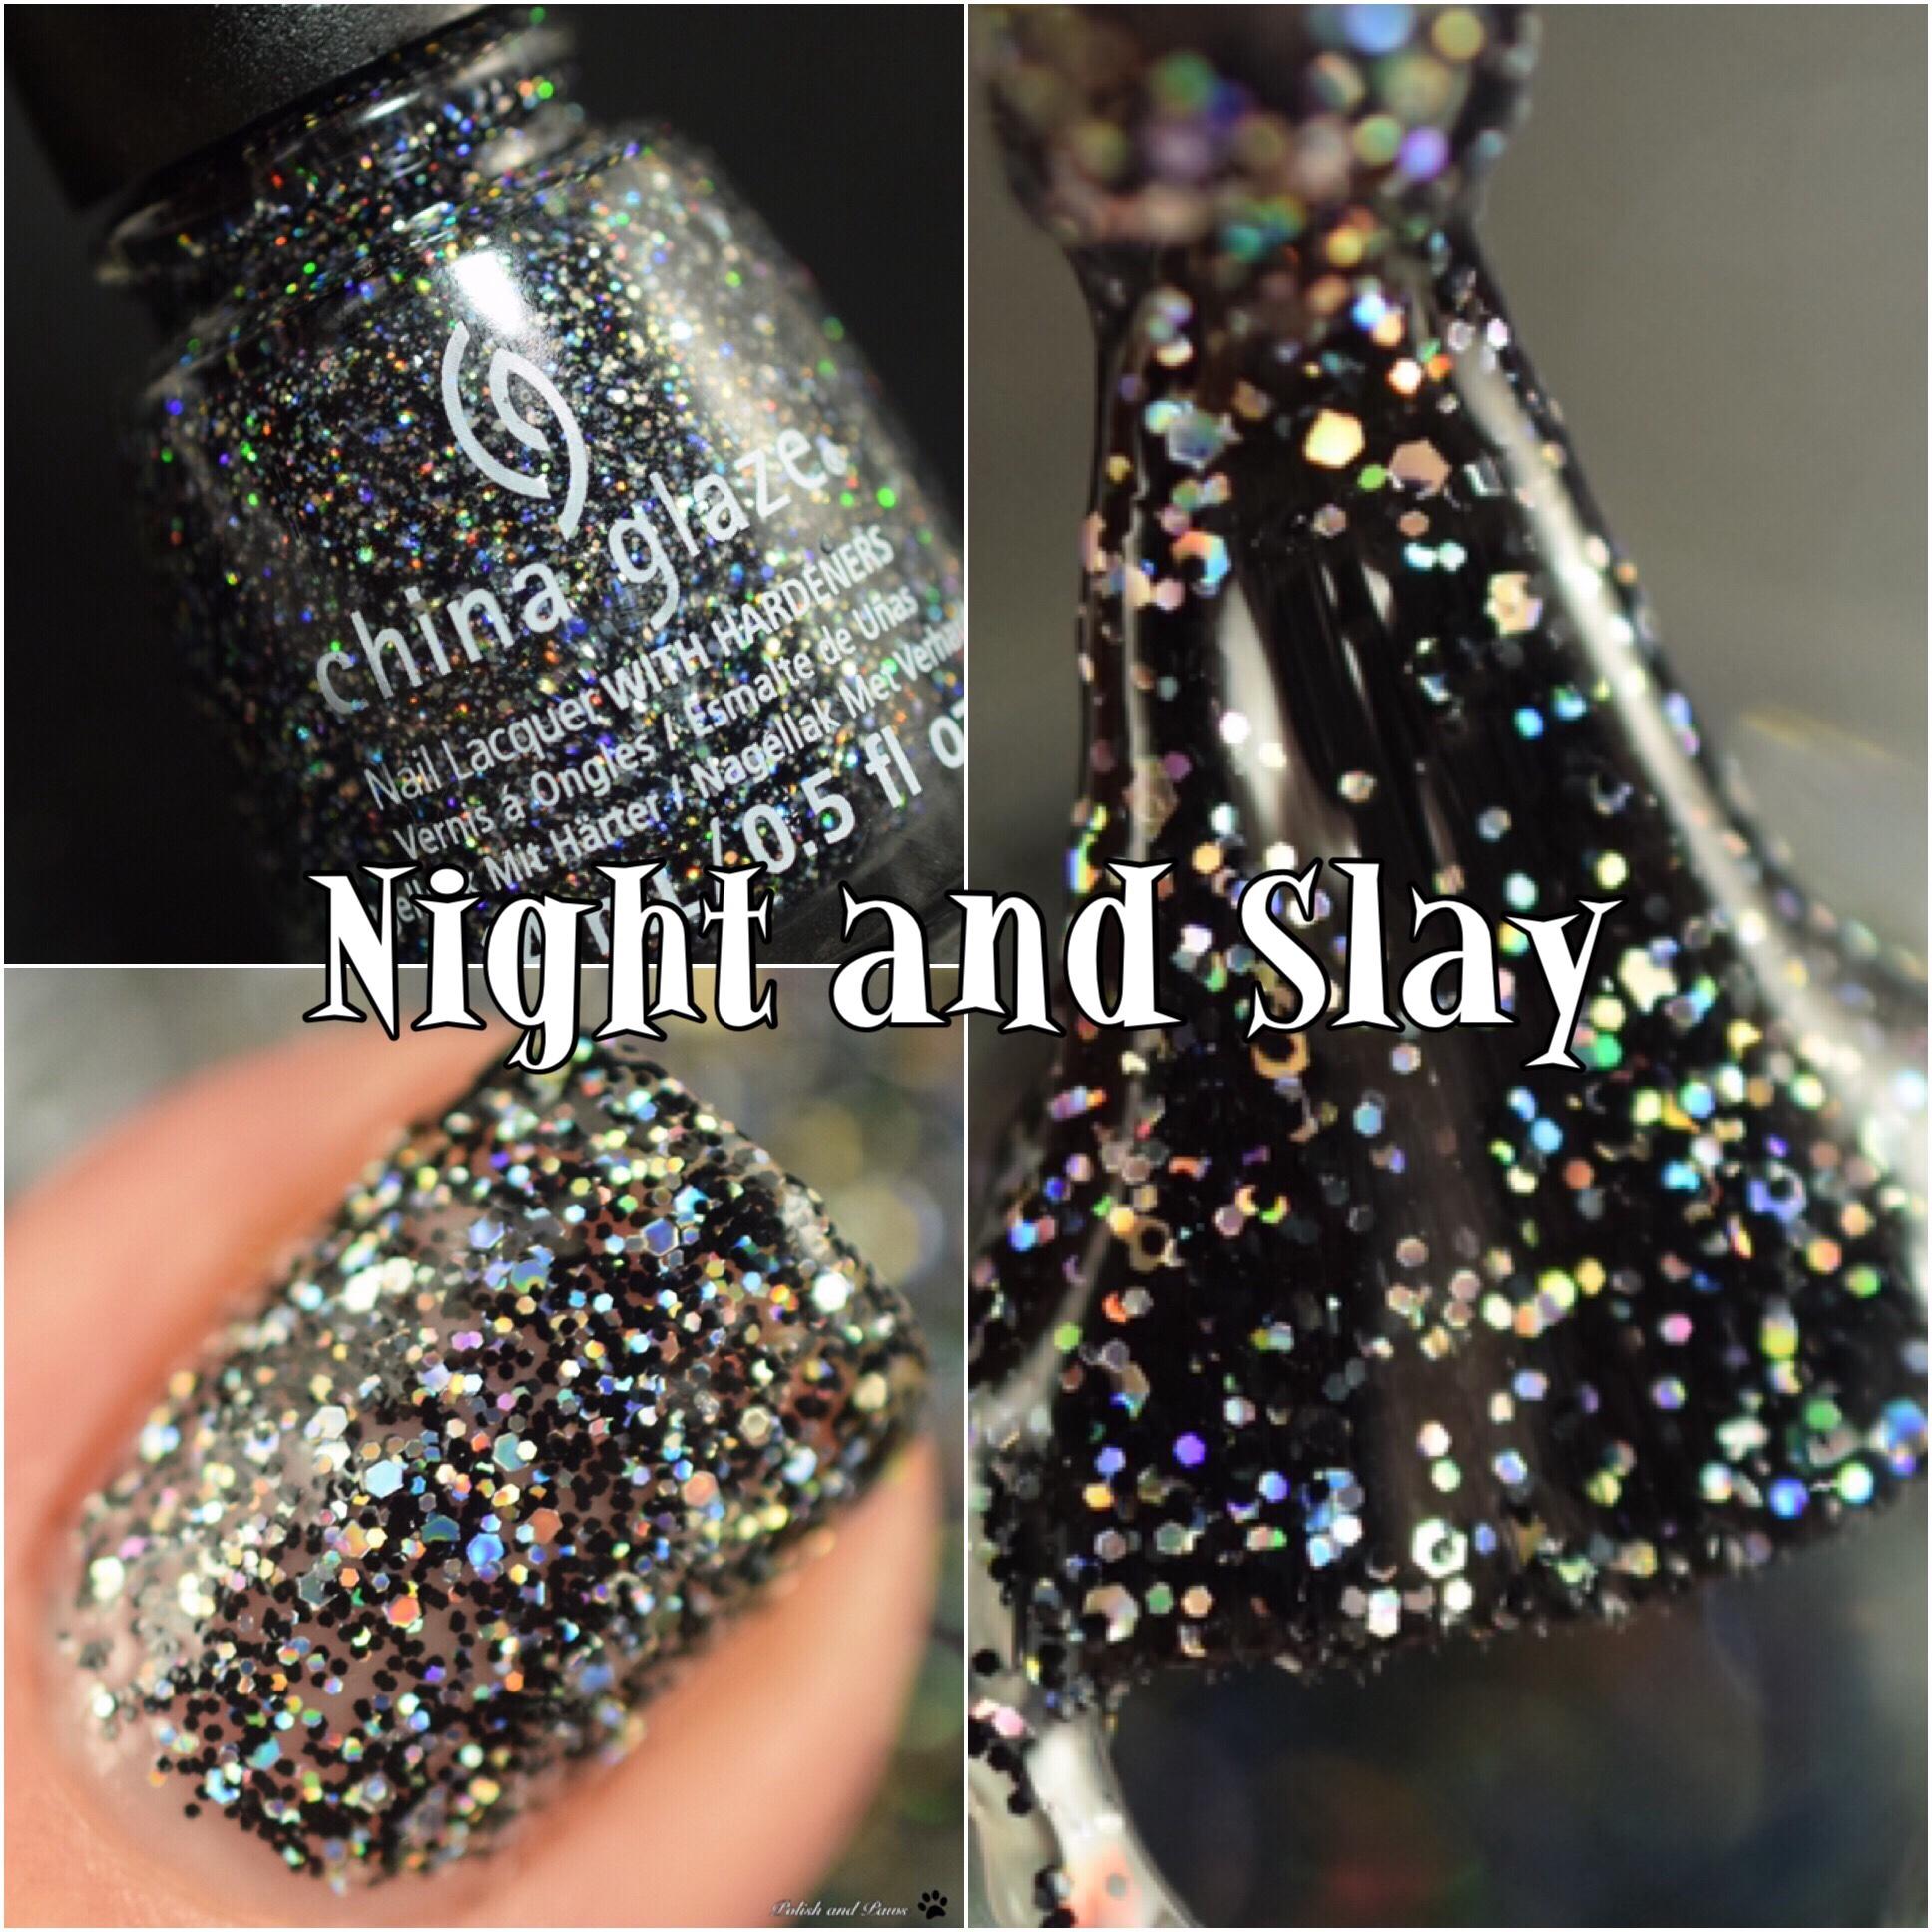 China Glaze Night and Slay